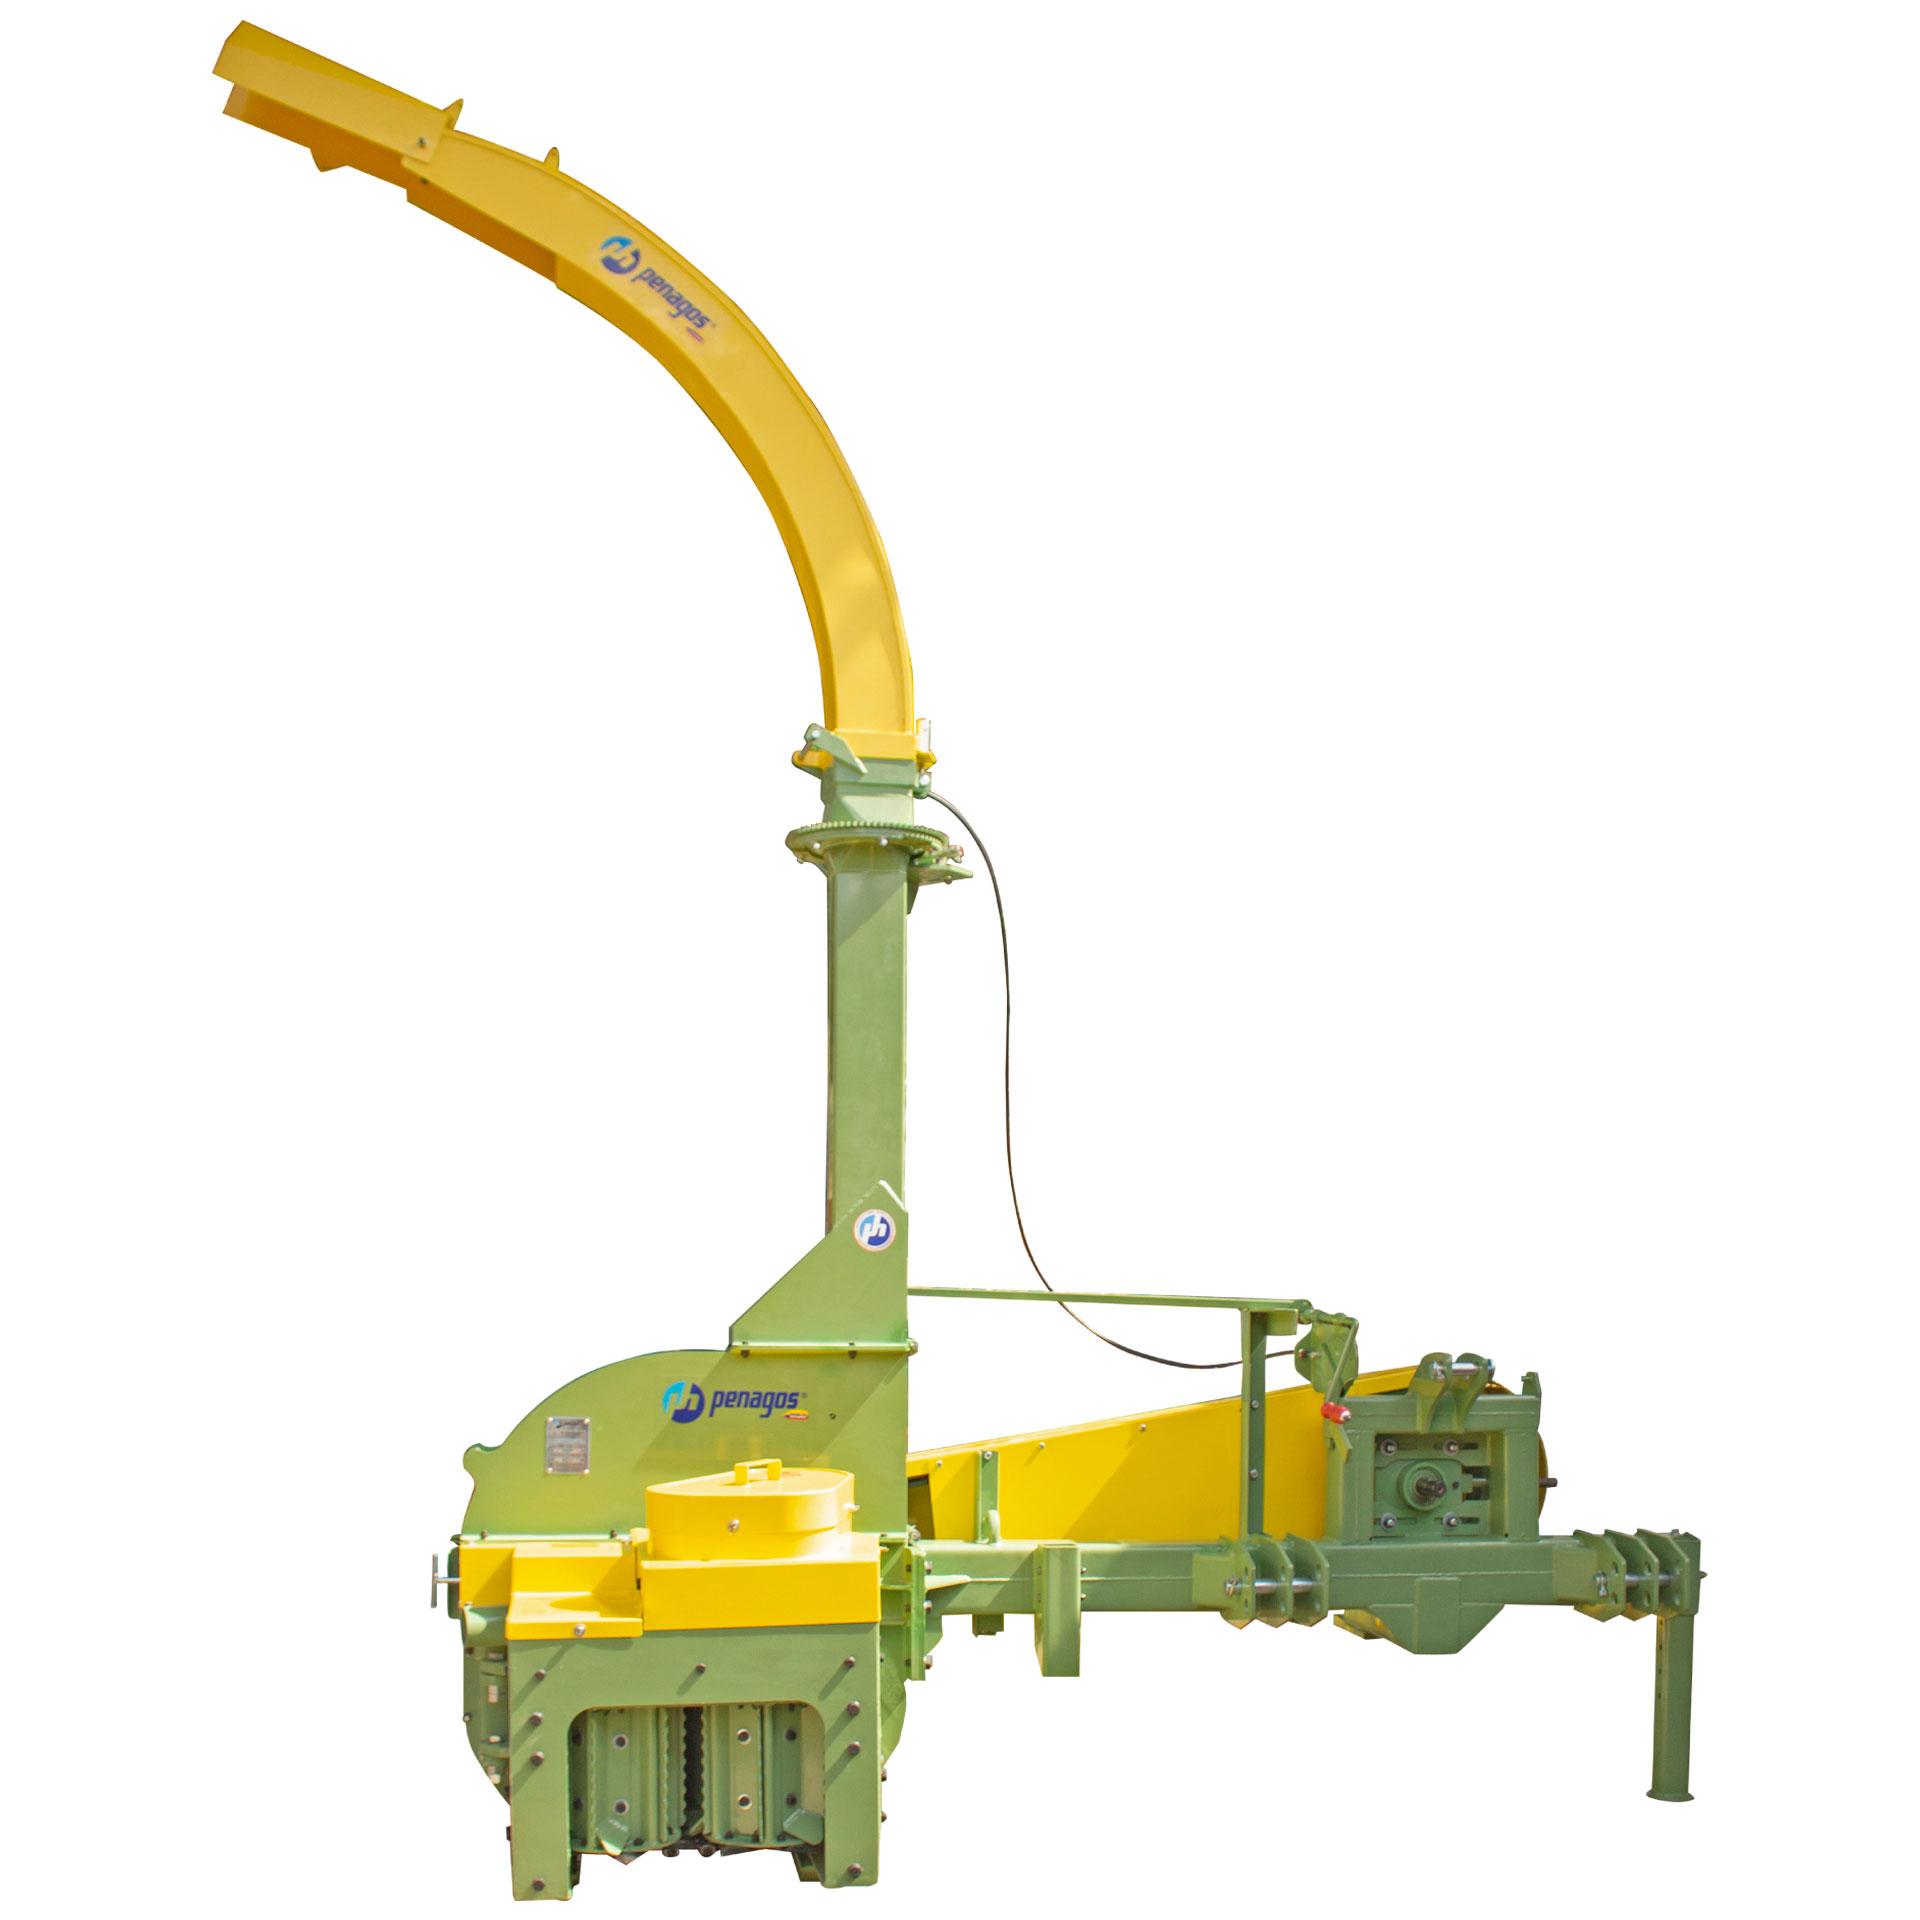 Cosechadora-de-forrajes-cf-20-maquina-agricola-penagos-2.jpg